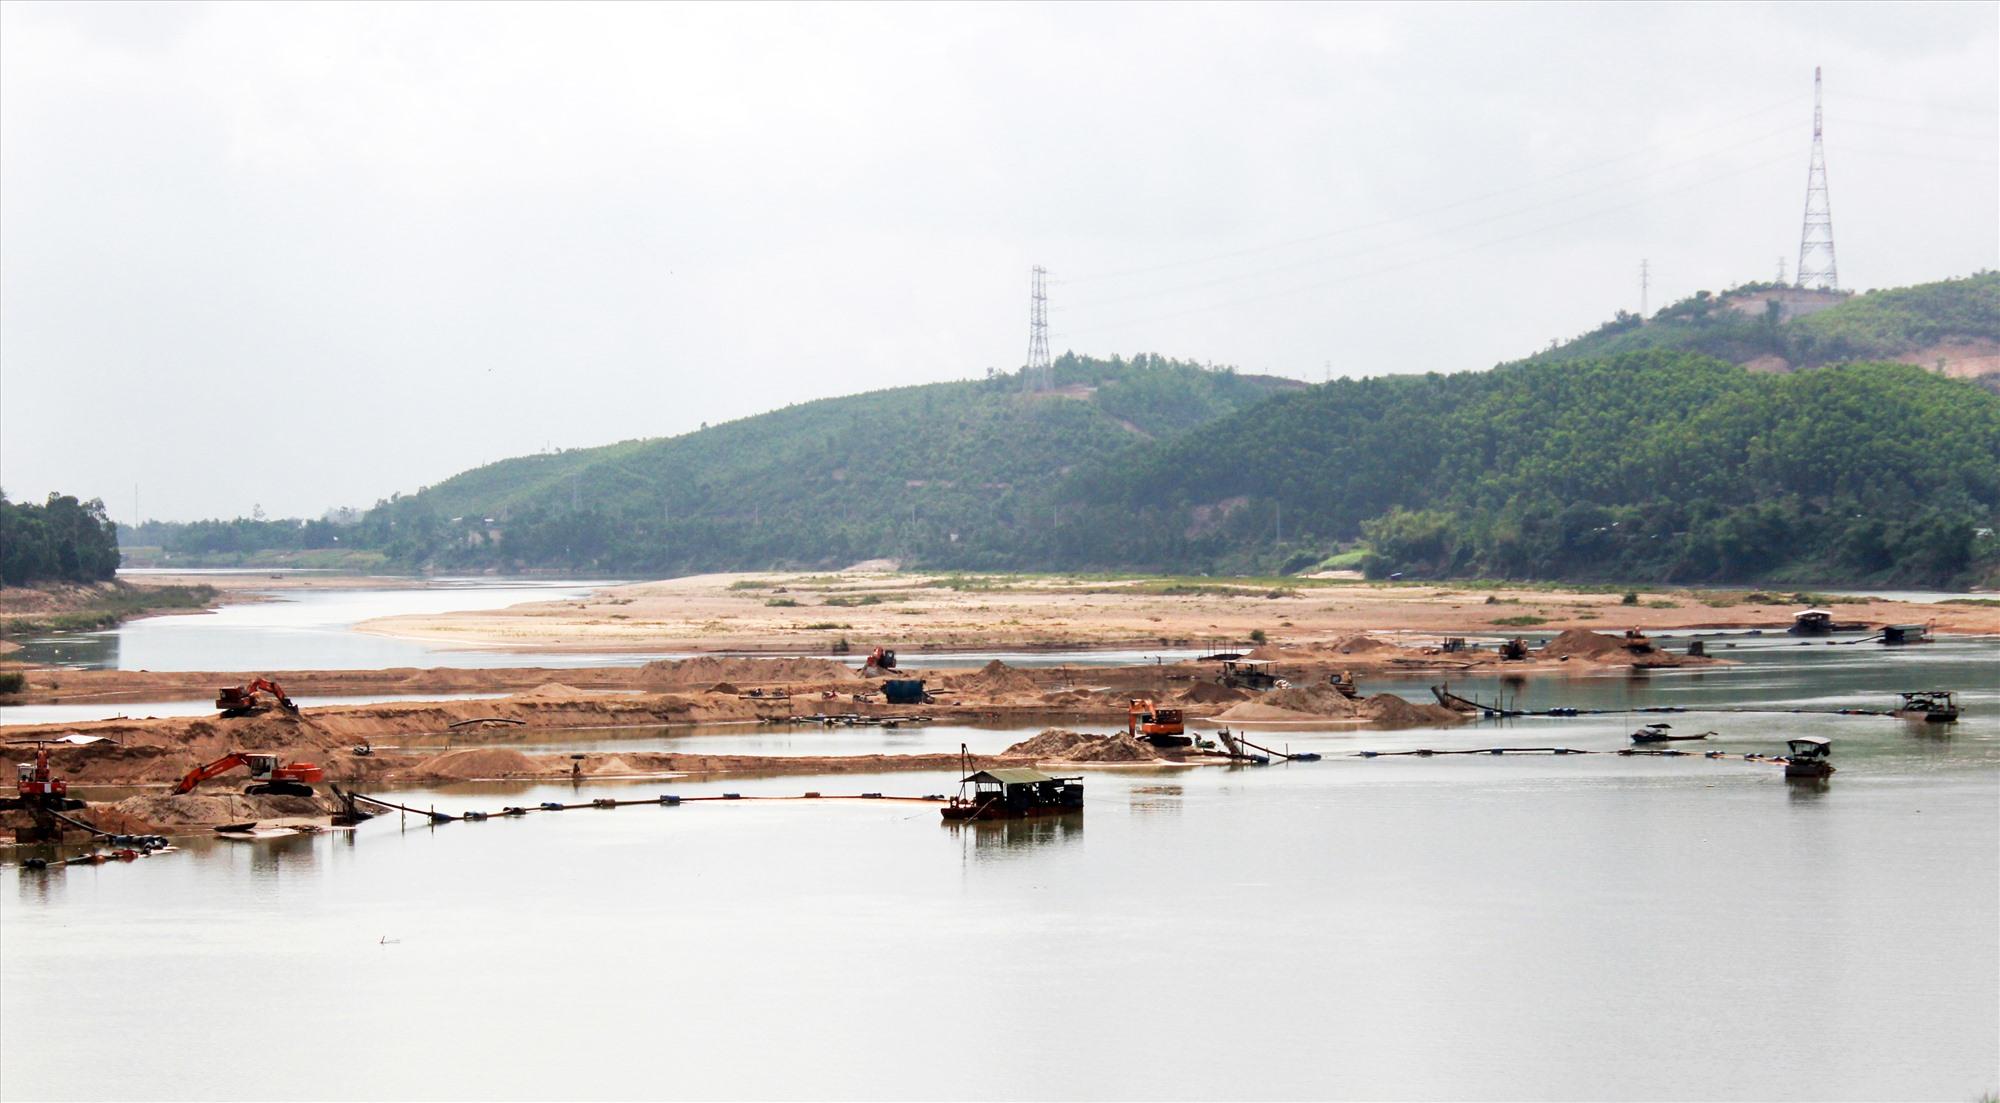 Cơ quan chức năng đang tăng cường các biện pháp lập lại trật tự tại các mỏ cát dọc sông Vu Gia. Ảnh: T.C